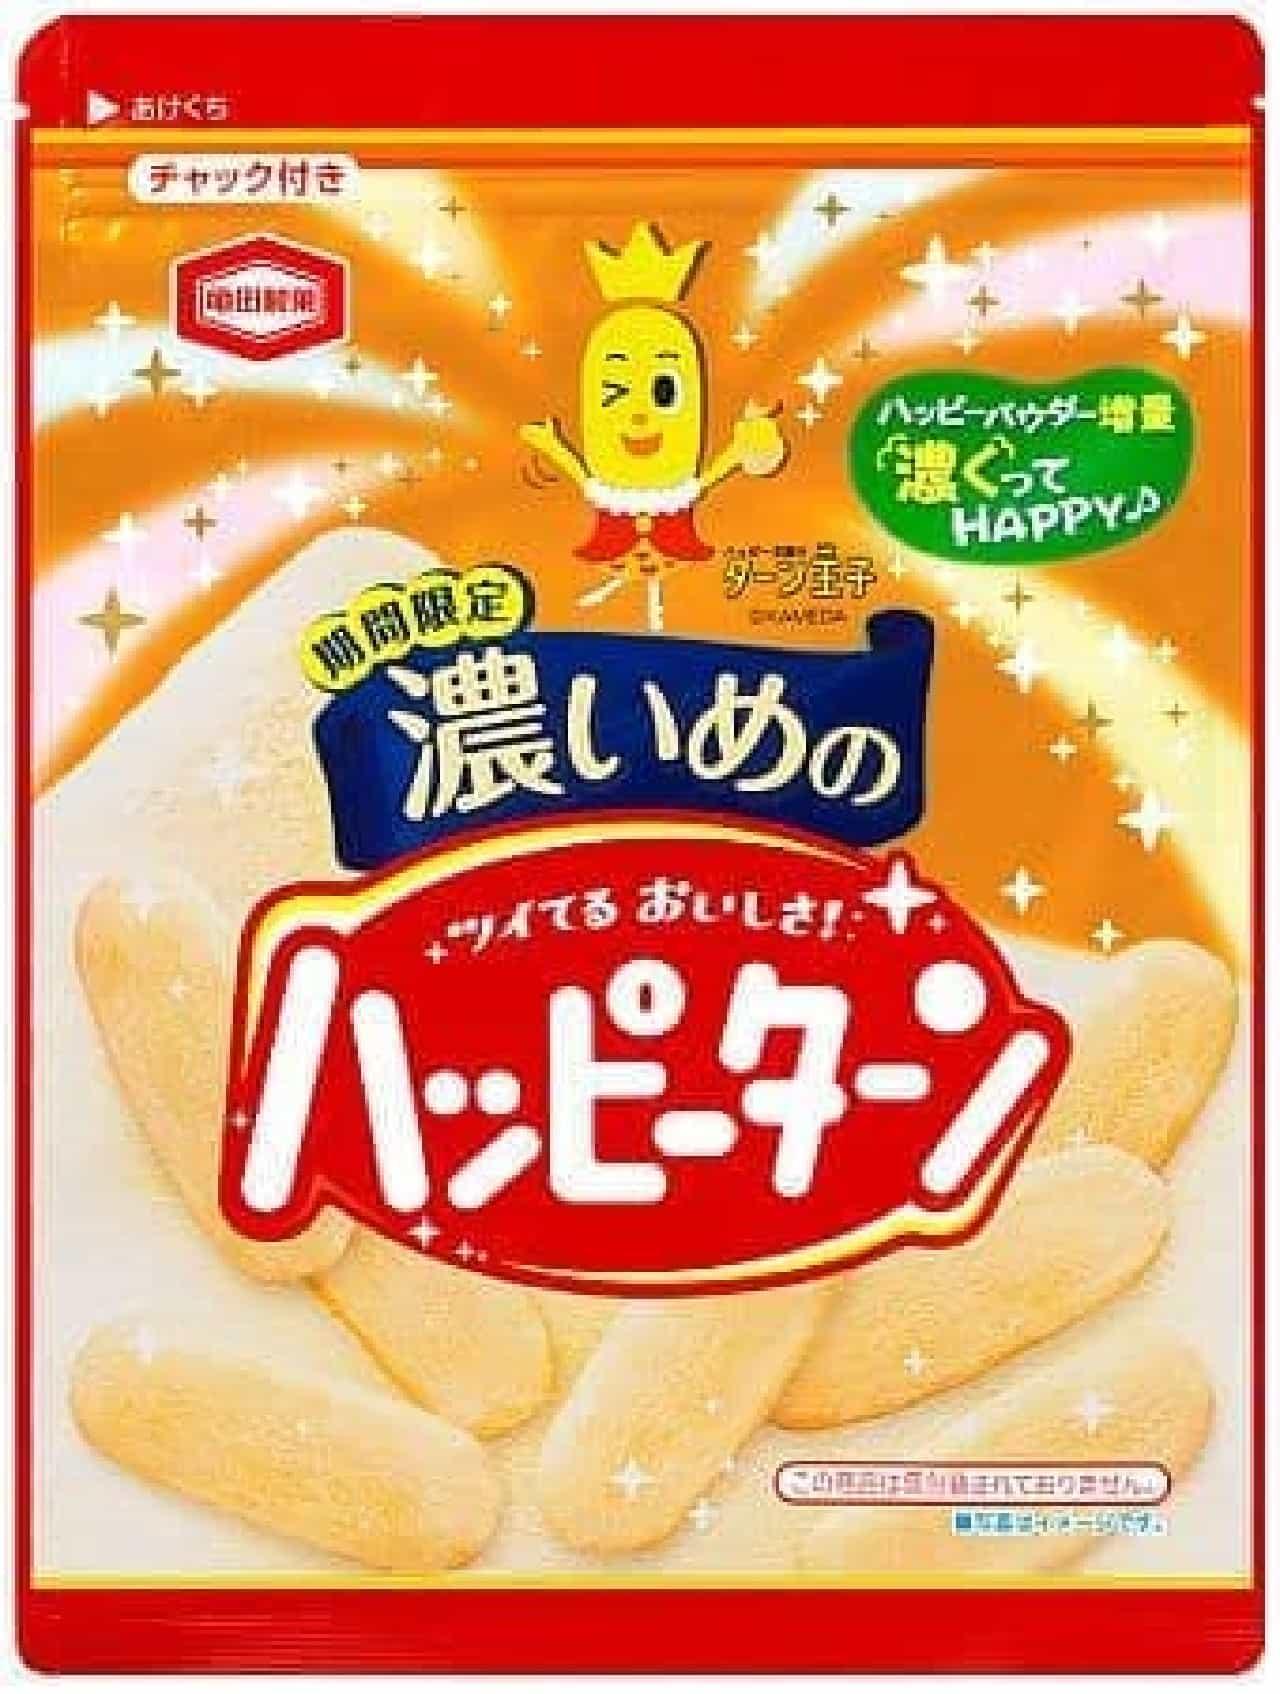 亀田製菓「96g 濃いめのハッピーターン」